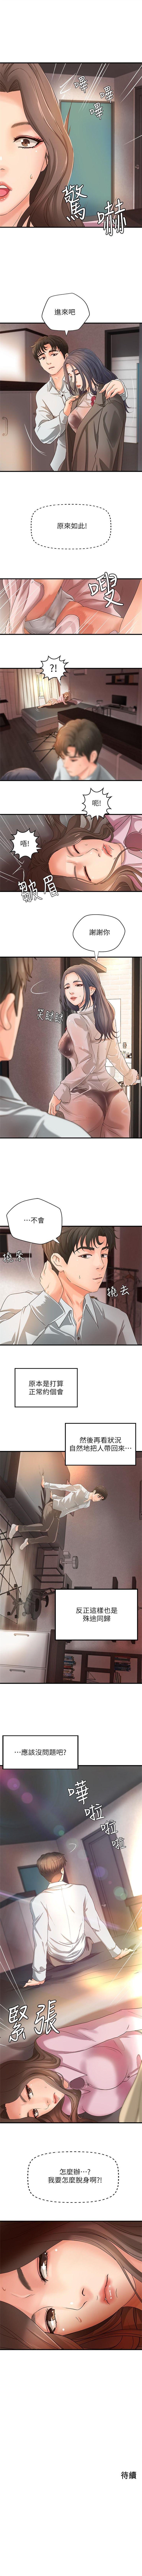 御姐的實戰教學 1-27 官方中文(連載中) 89